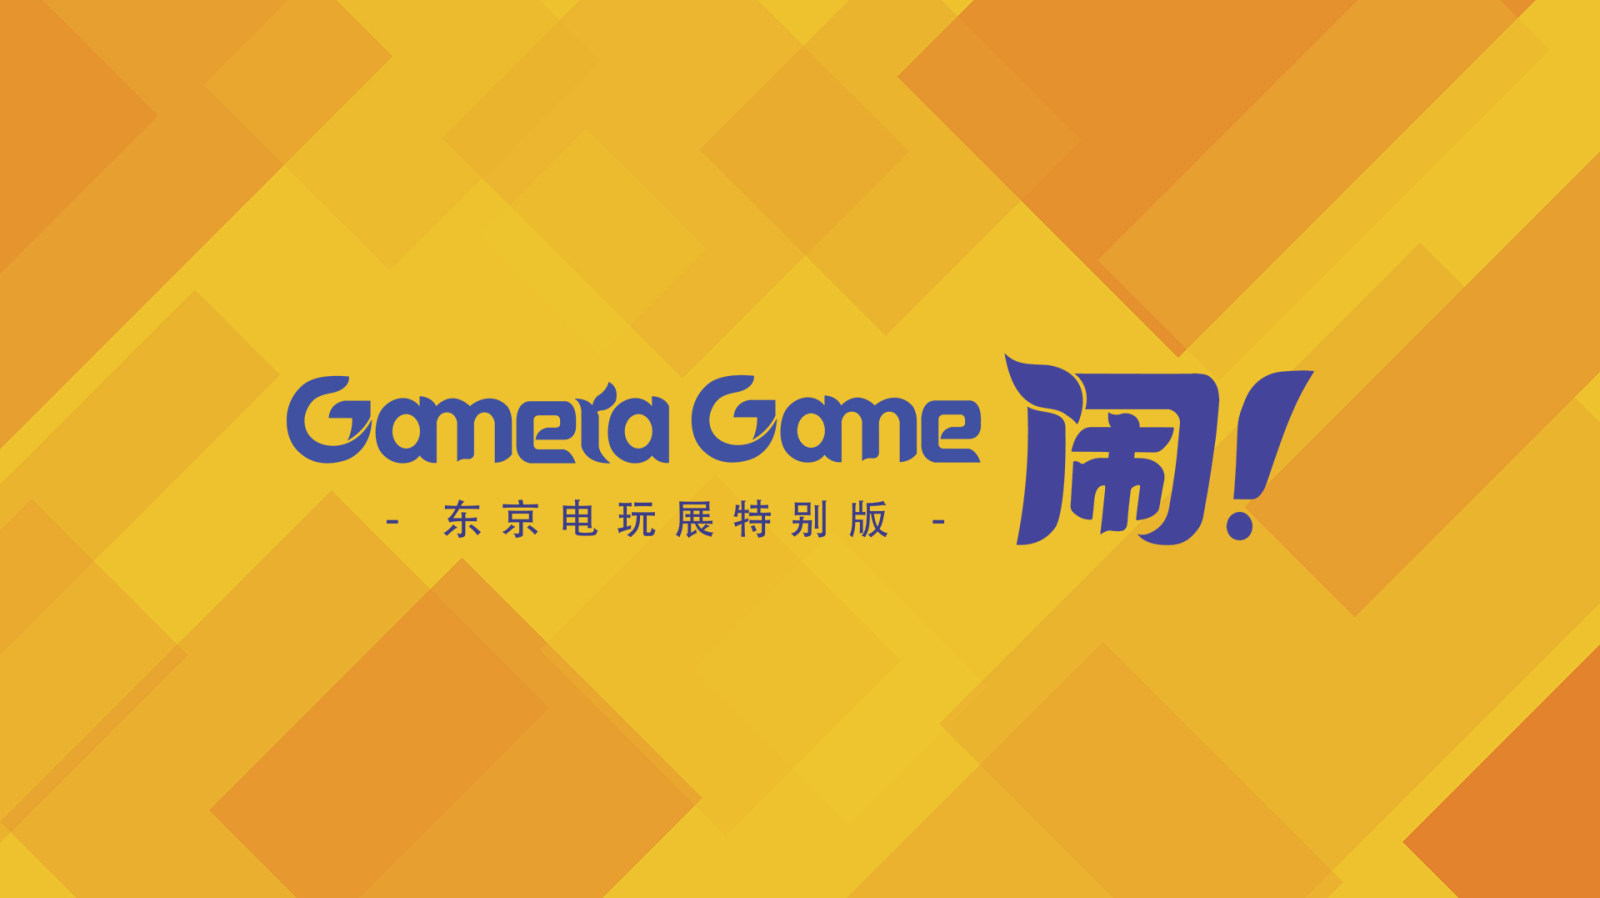 多款国产独立游戏亮相TGS,Gamera Game发布会资讯汇总